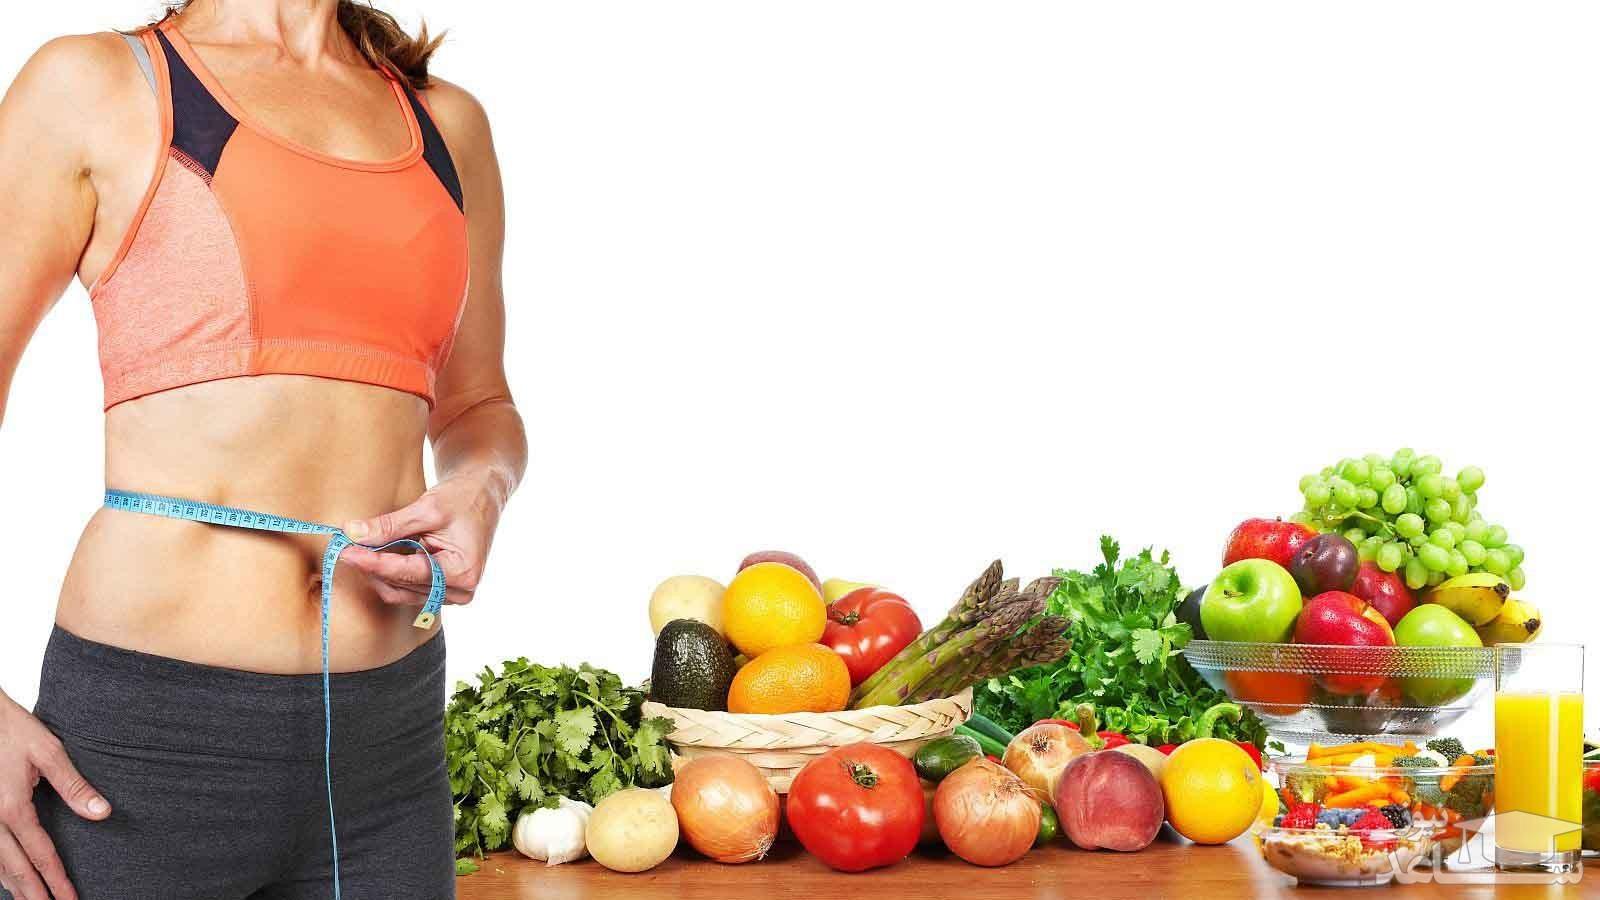 غذاهای کالری سوز قوی را بهتر بشناسید